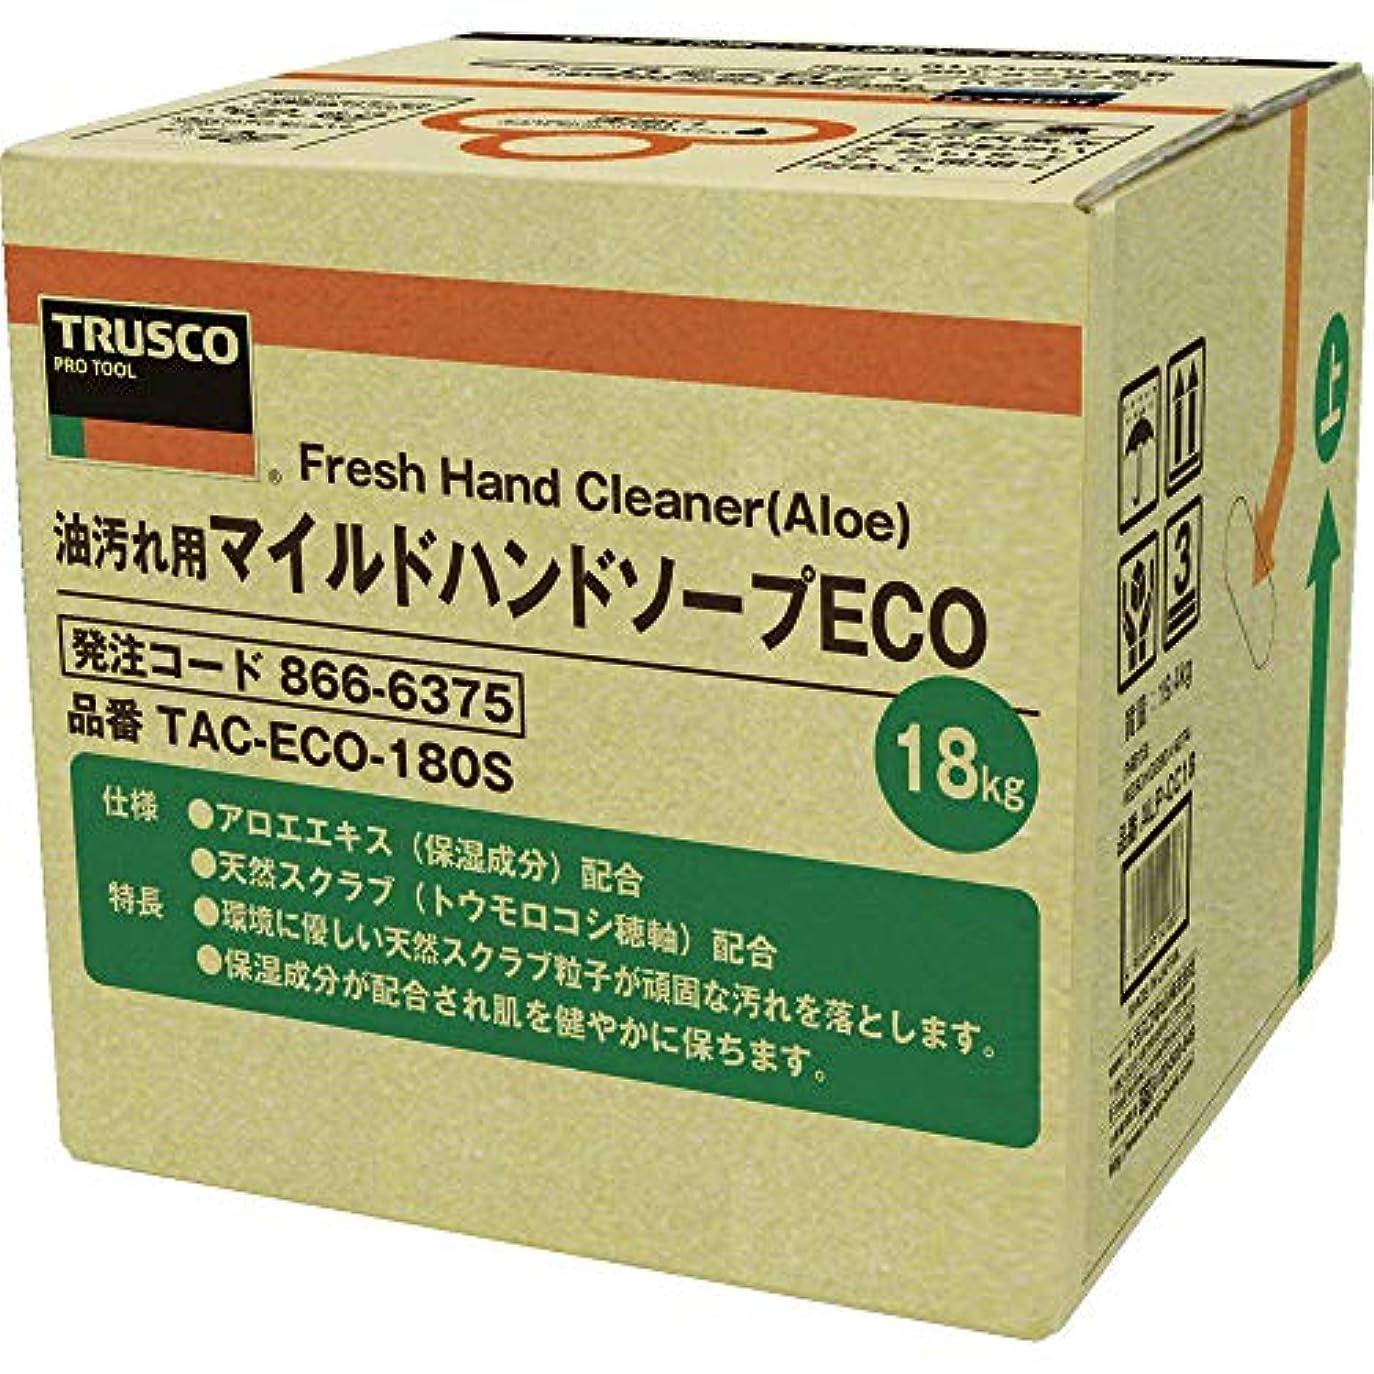 指定する早いシリングTRUSCO(トラスコ) マイルドハンドソープ ECO 18L 詰替 バッグインボックス TACECO180S